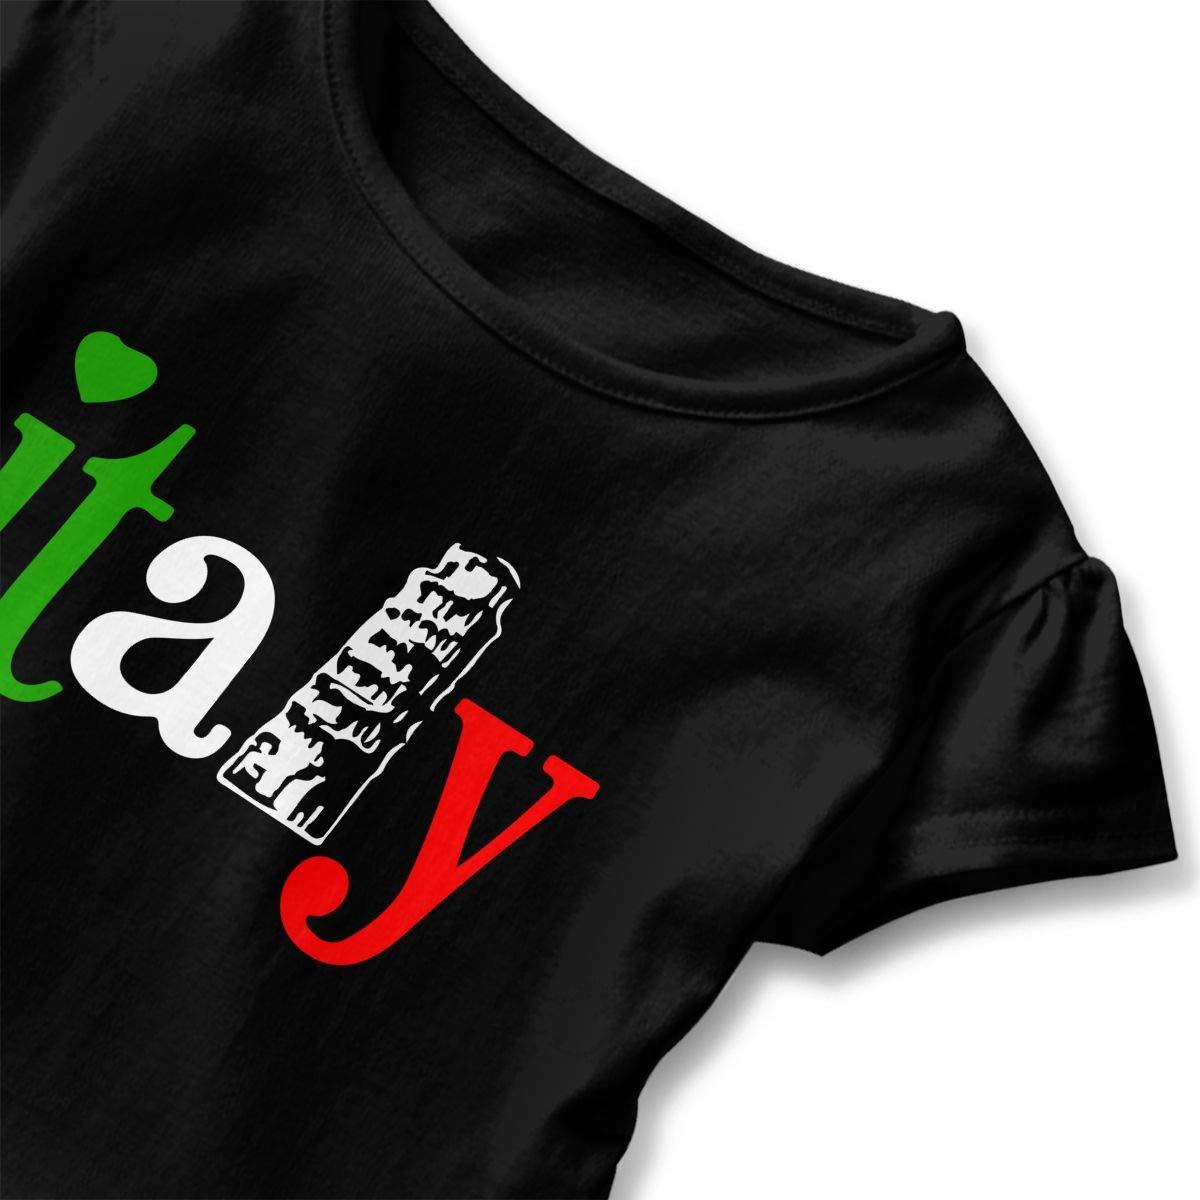 SHIRT1-KIDS Italy Heart Childrens Girls Short Sleeve T-Shirts Ruffles Shirt Tee Jersey for 2-6T